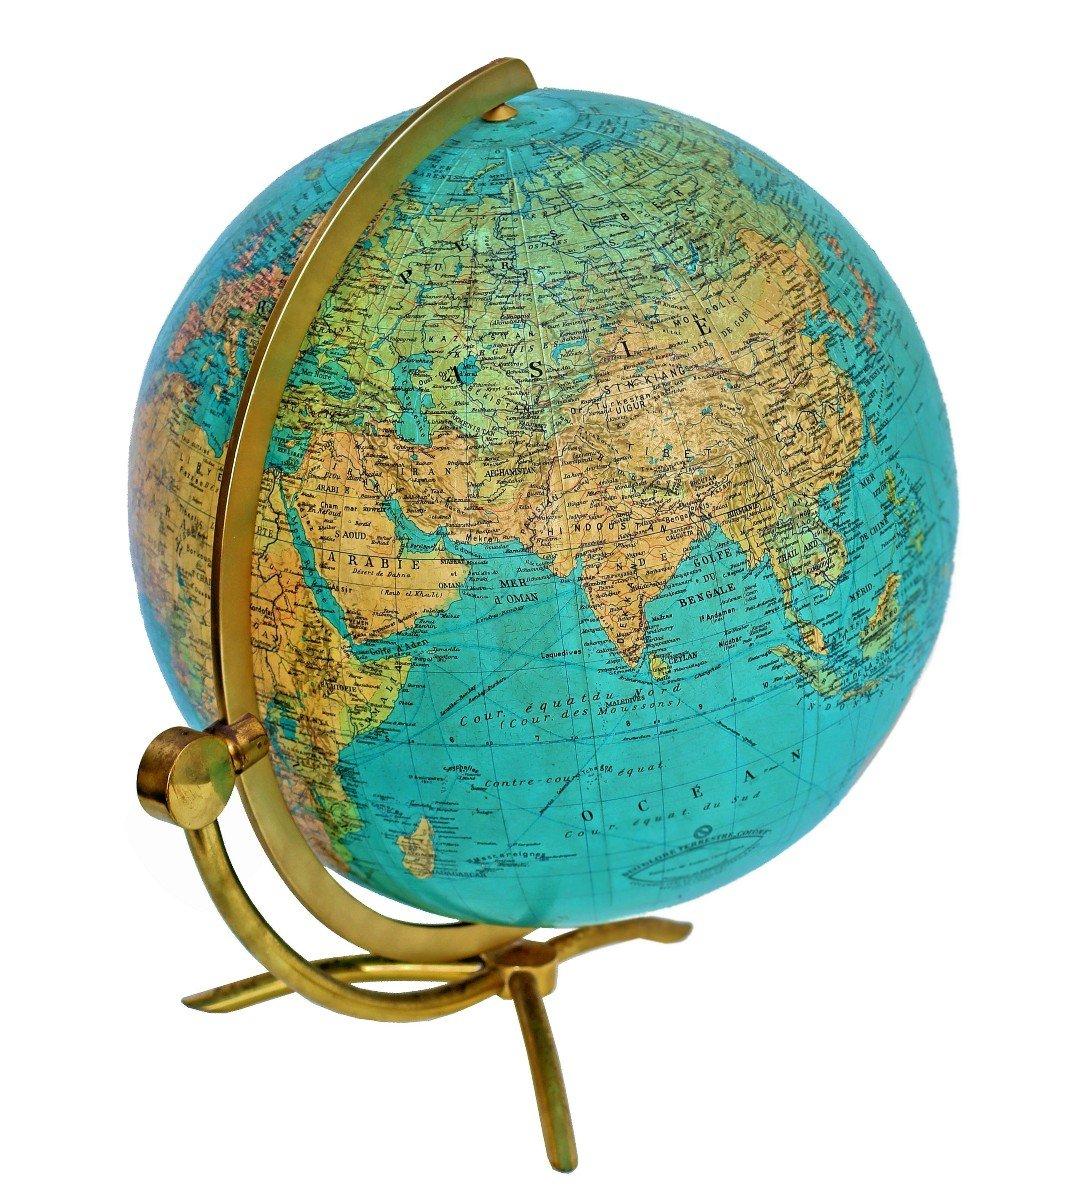 Paul Oestergaard Globe Terrestre Mappemonde En Verre Lumineux-photo-4